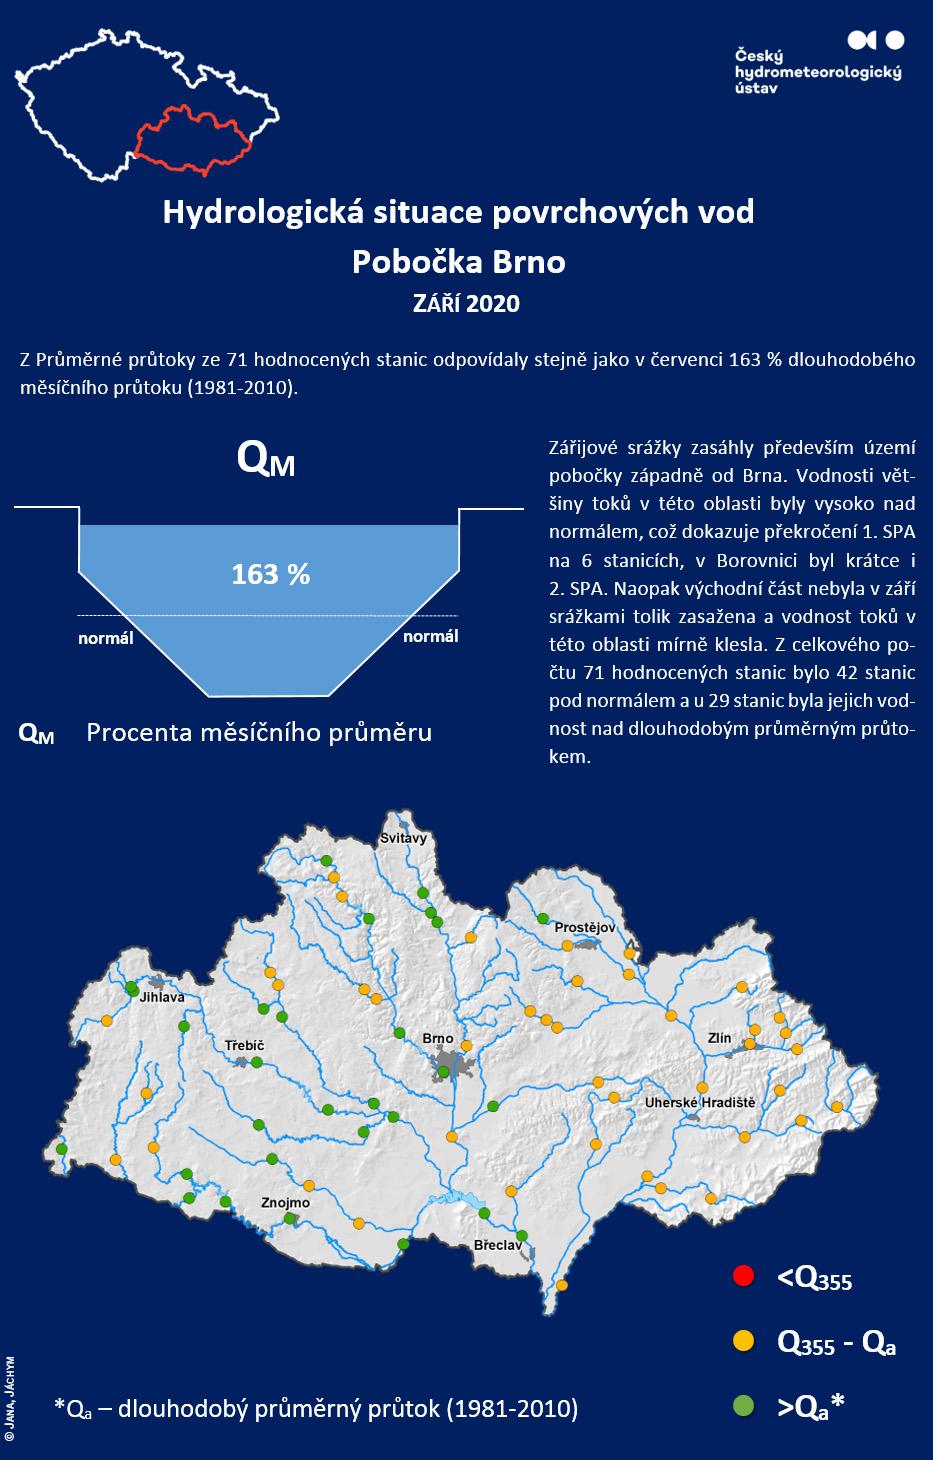 Hydrologická situace povrchových vod Pobočka Brno – září 20201 min čtení